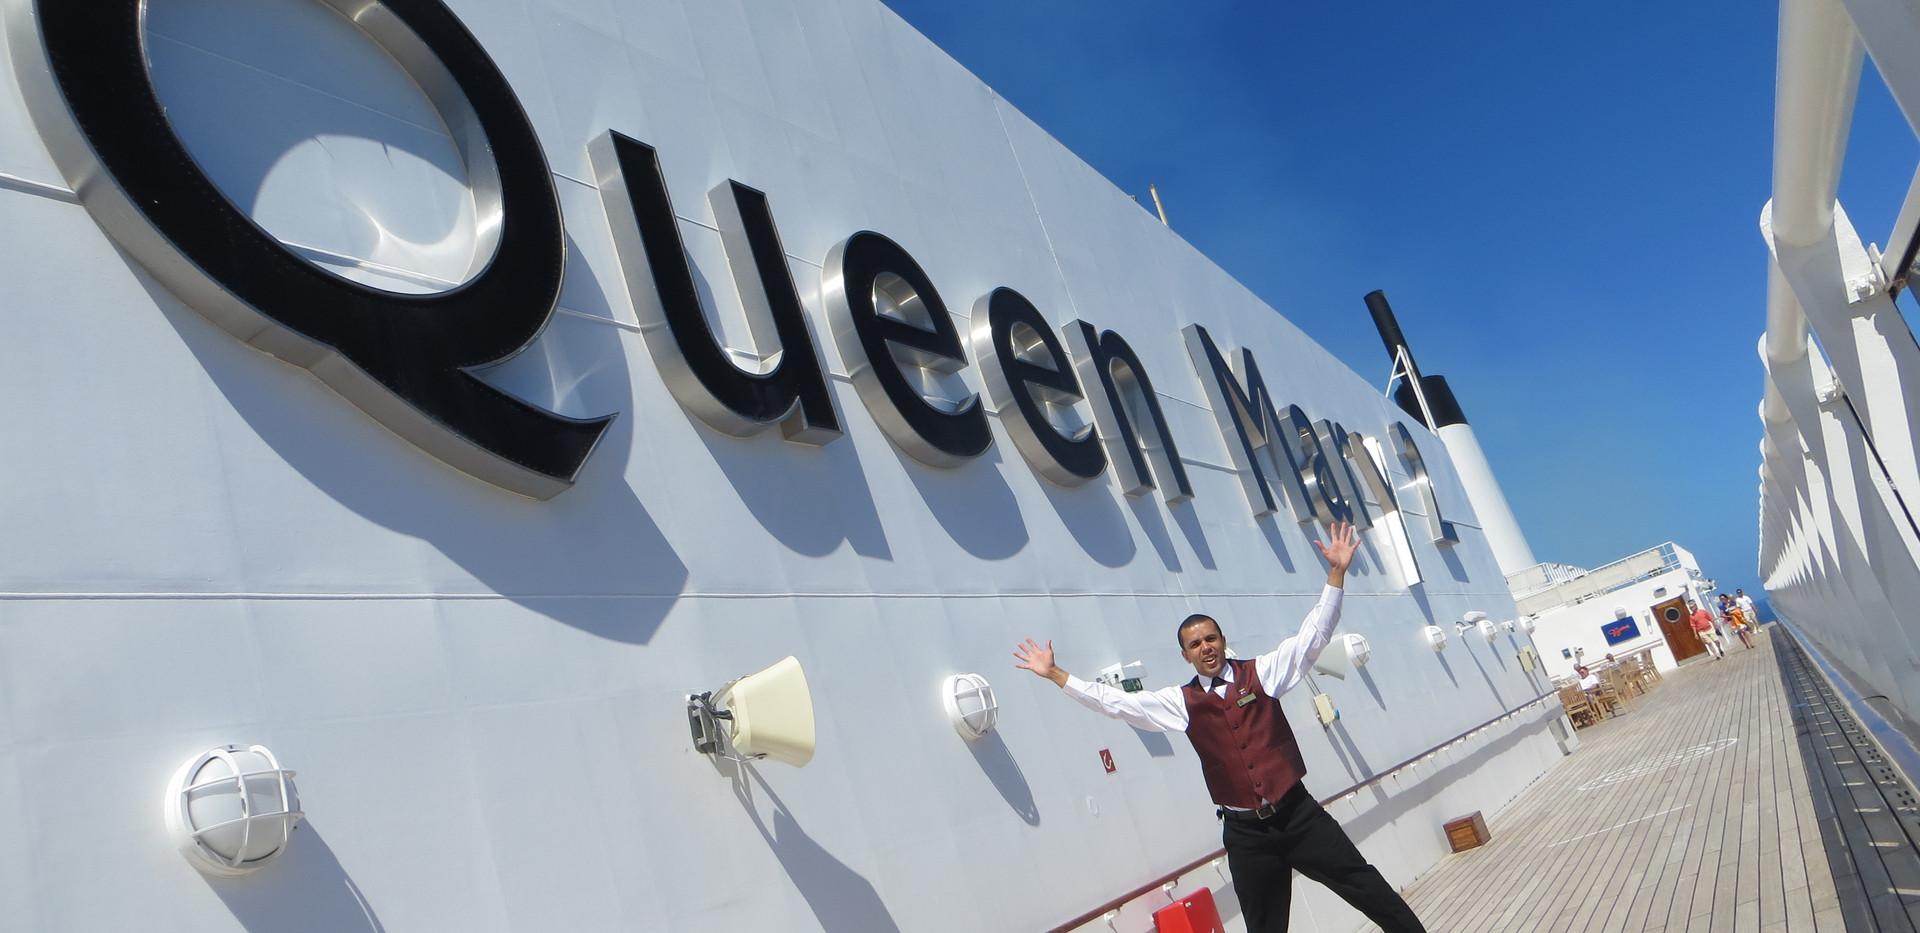 Queen Mary 2 2013.JPG